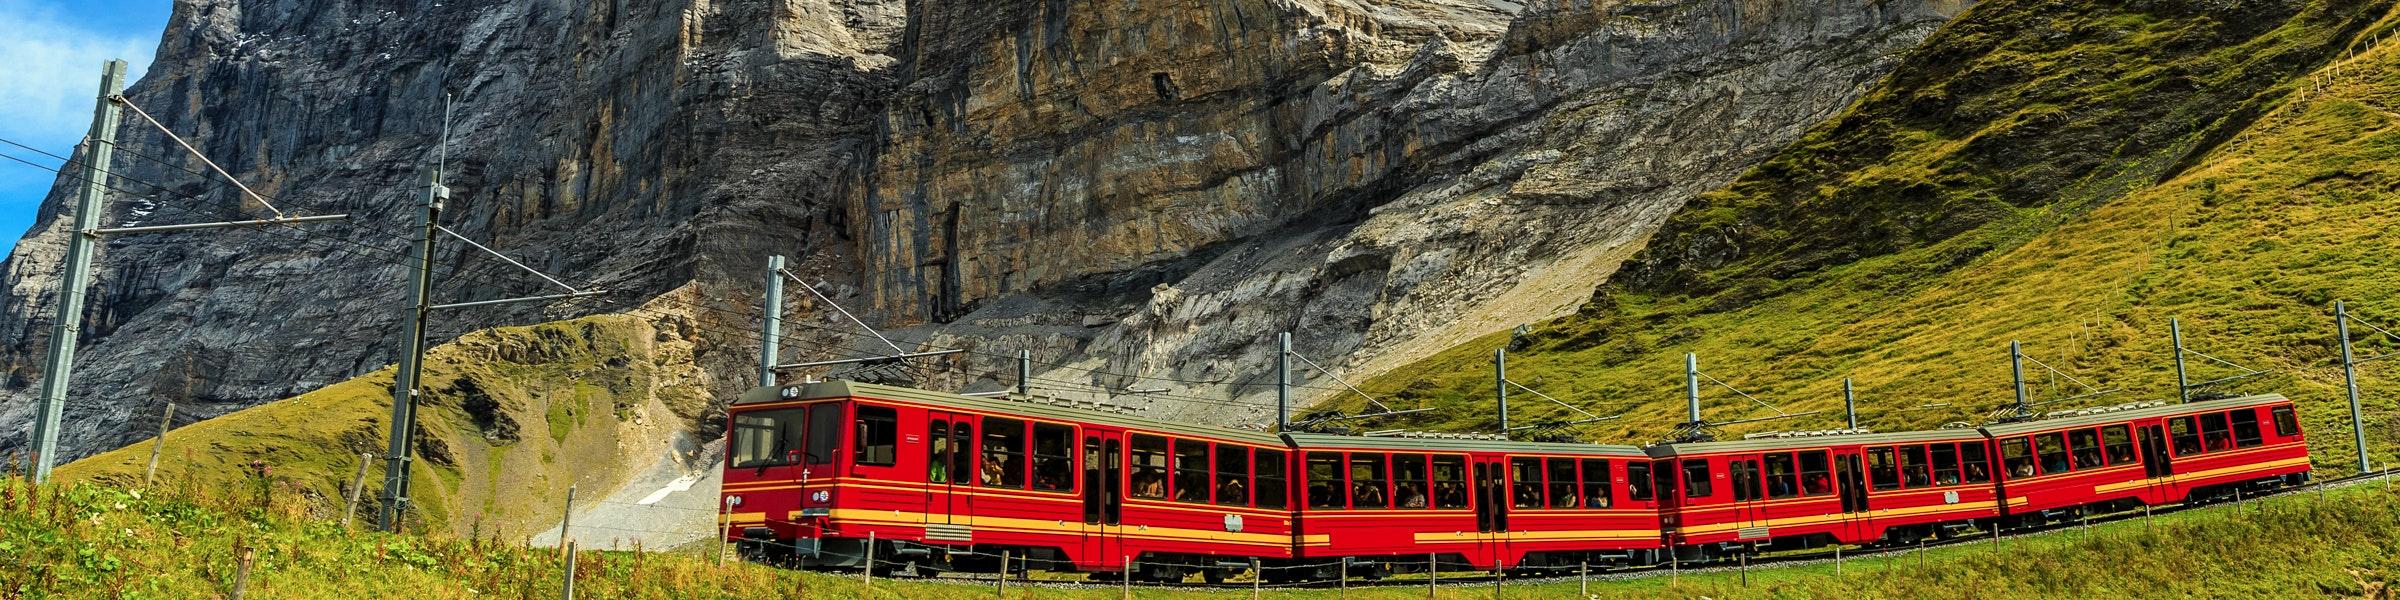 Trein Jungfraujoch Kleine Scheidegg